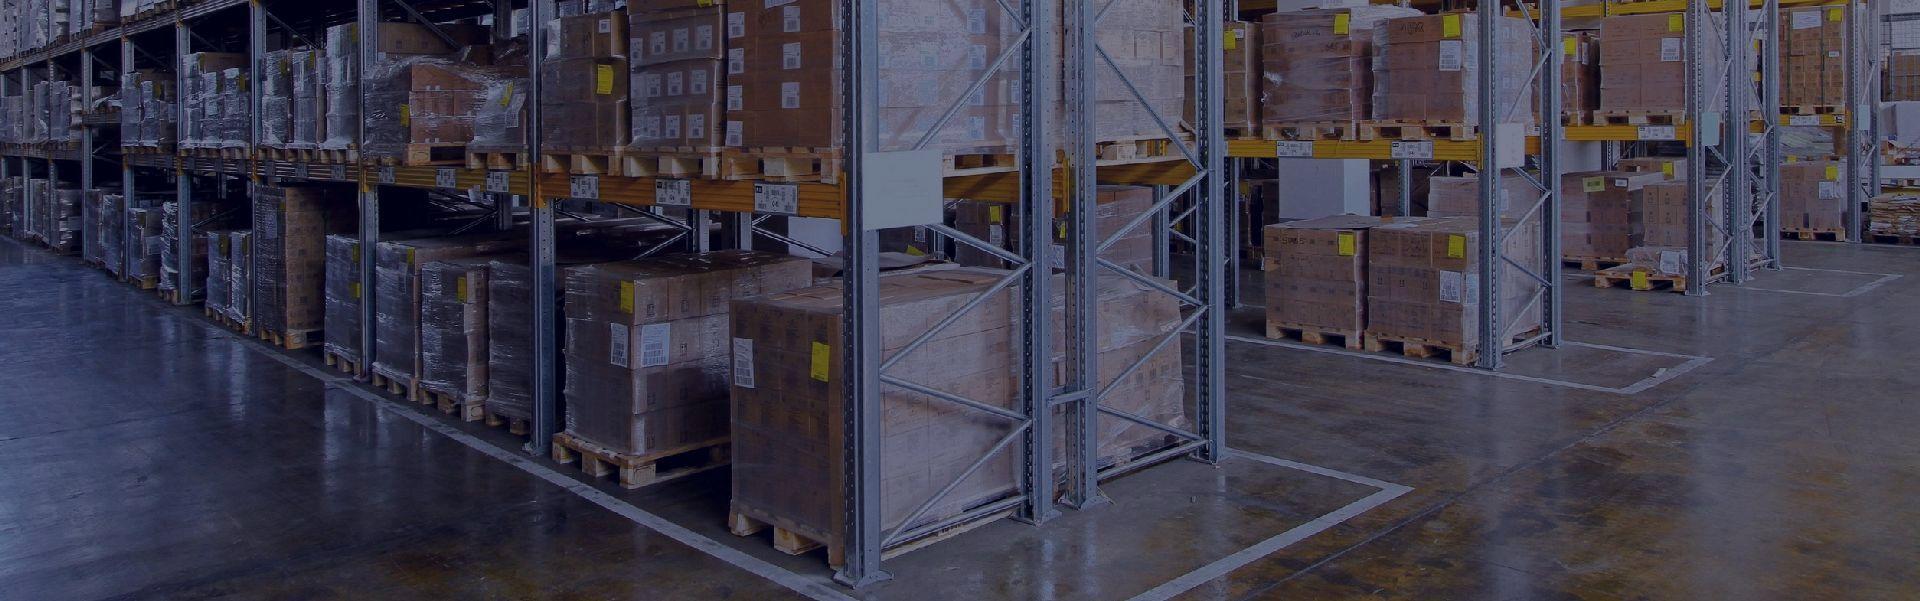 Vollständige Logistikdienstleistungen unter einem Dach